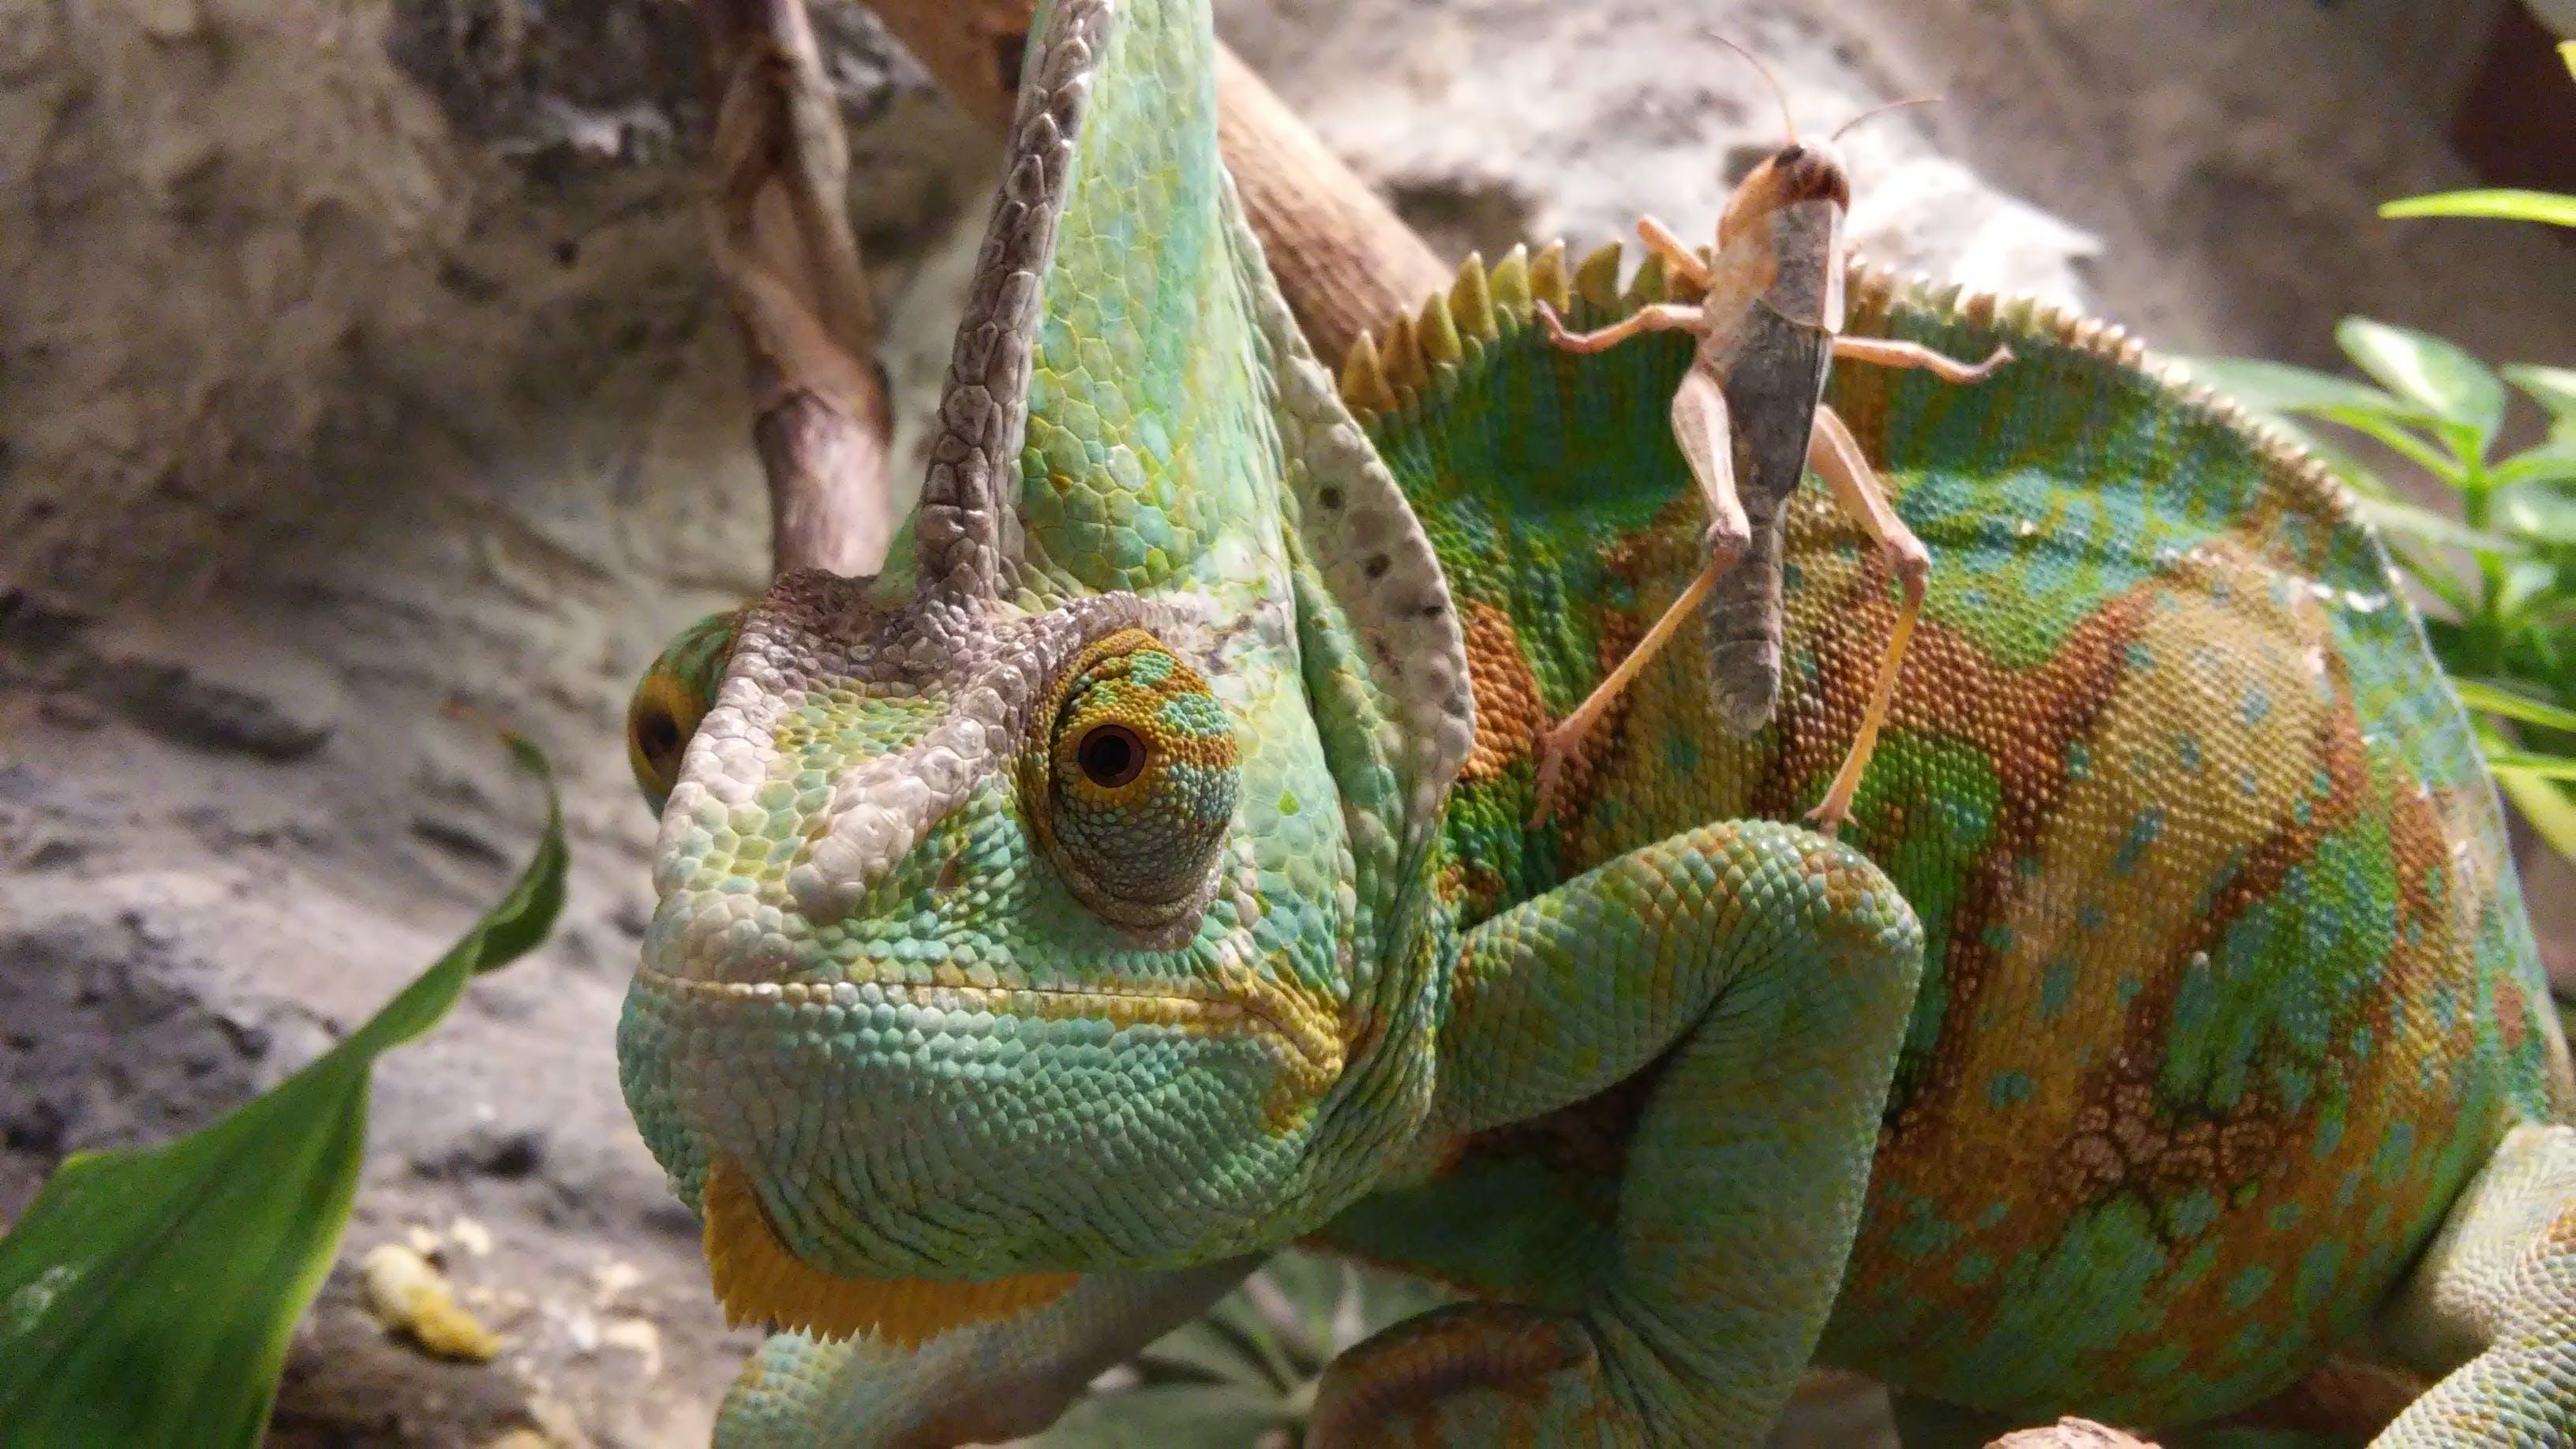 Kostenloses Stock Foto zu chamäleon, eidechse, insekt, tierwelt